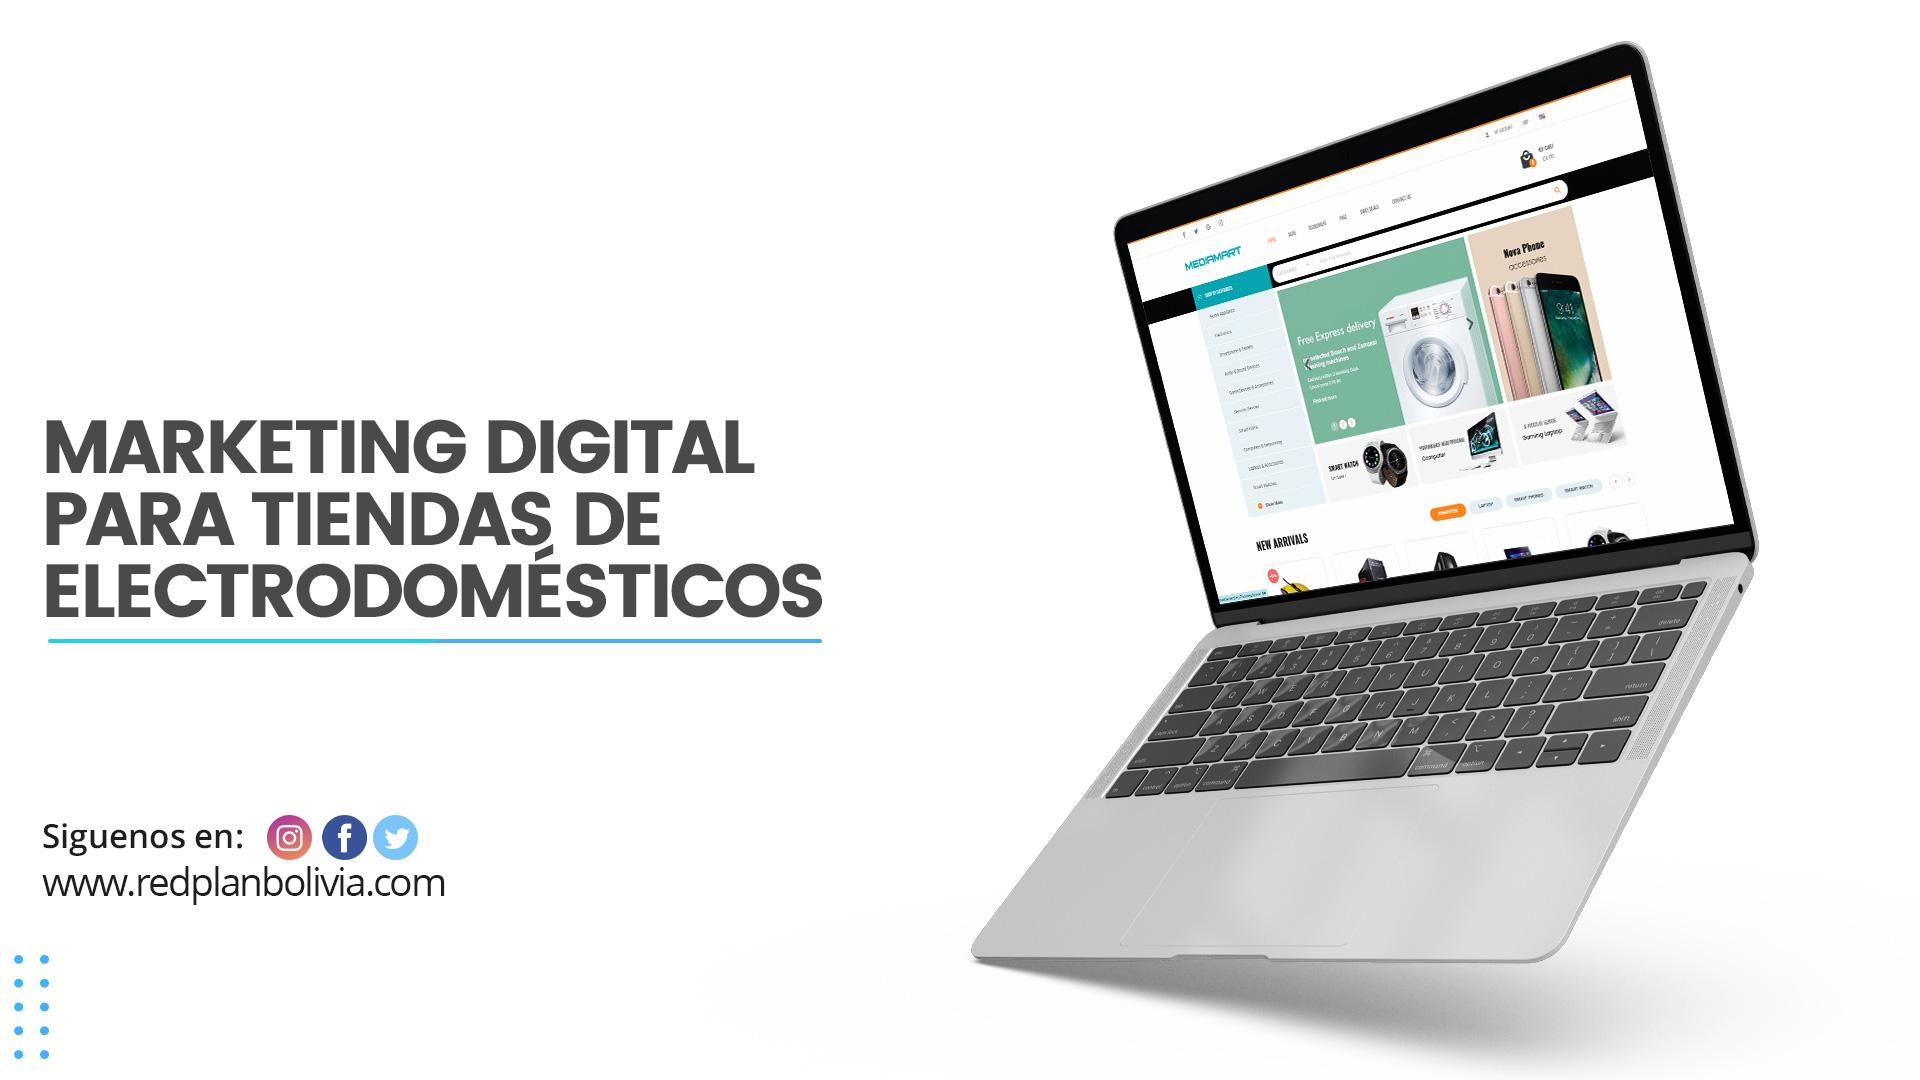 Marketing digital para tiendas de electrodomésticos